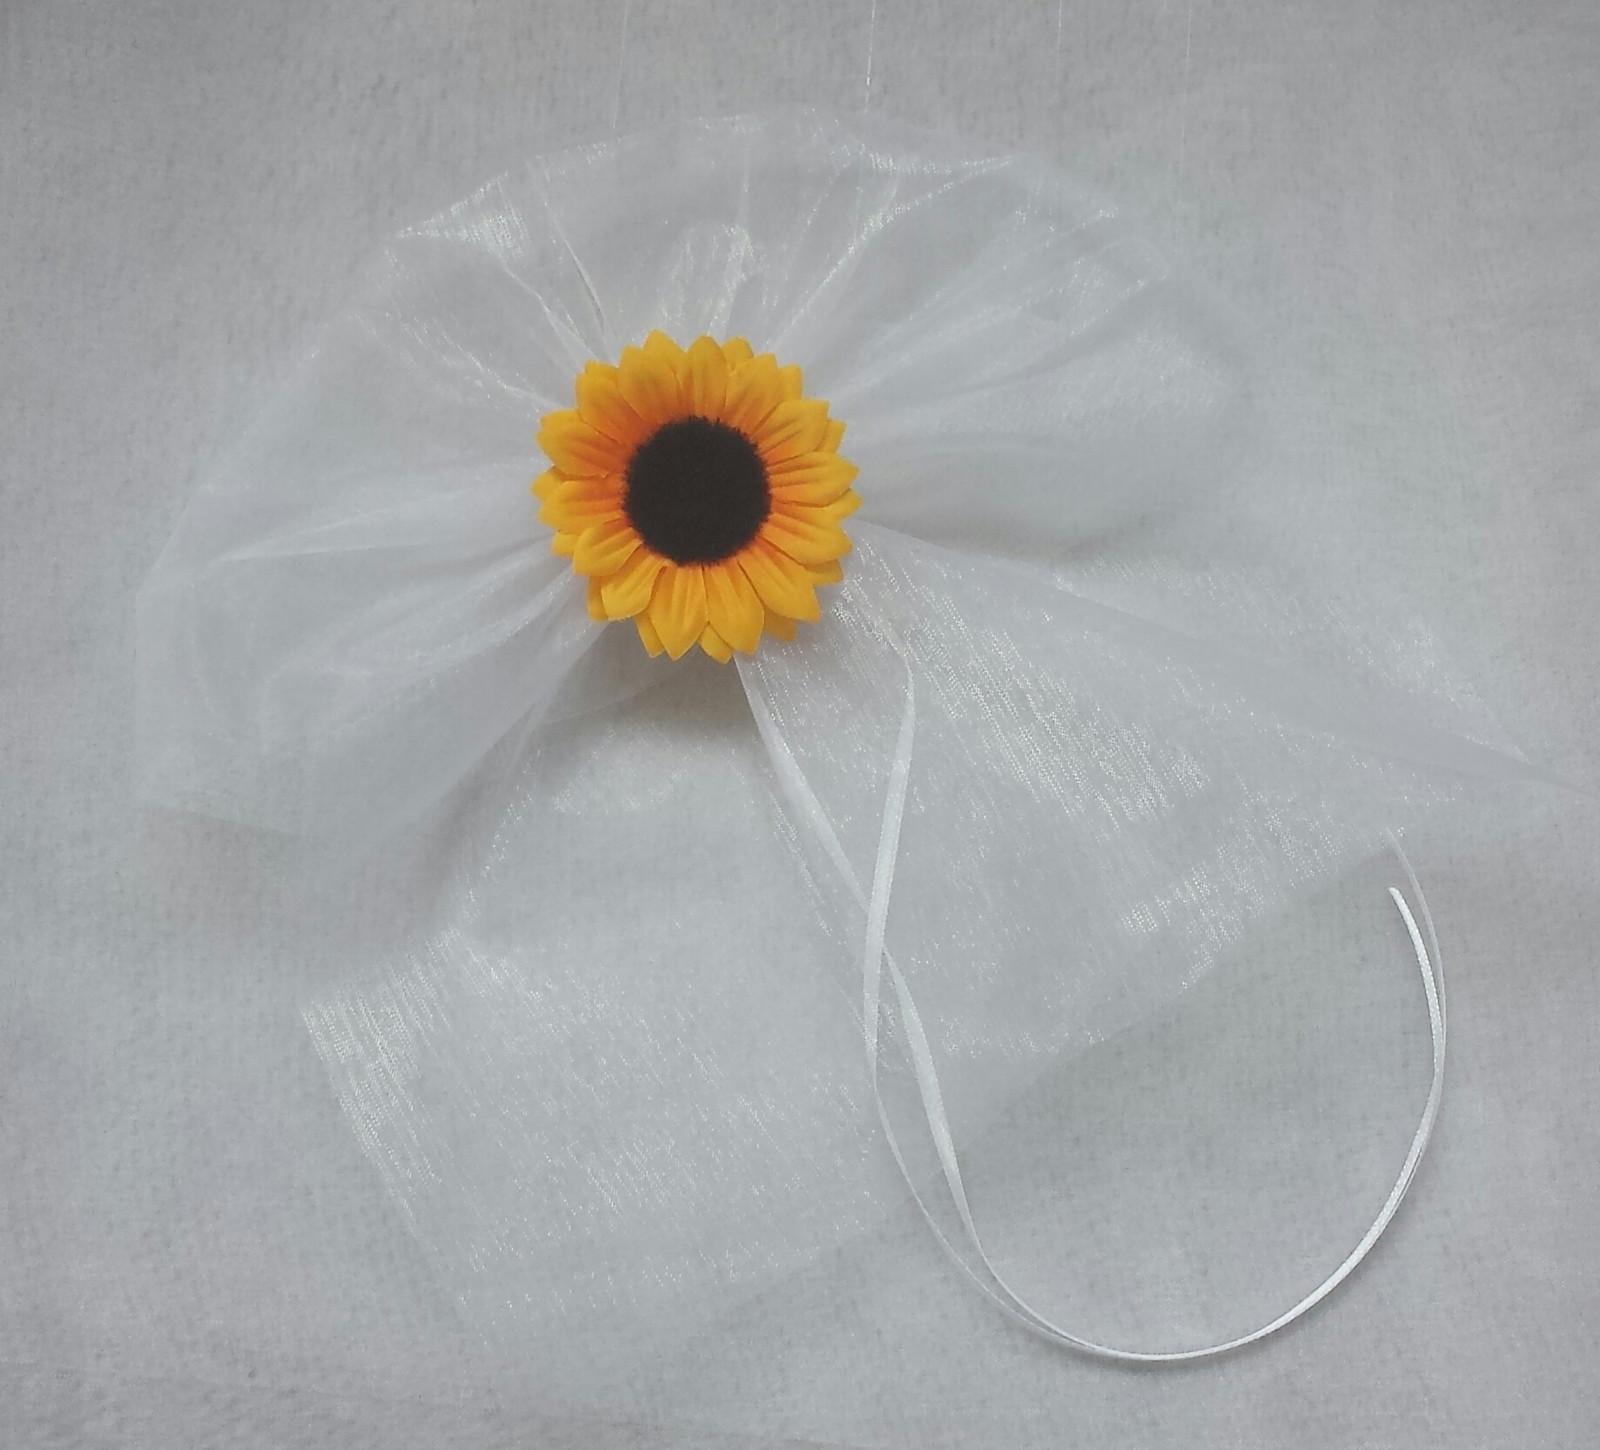 BÍLÁ mašle na zrcátka/kliky se slunečnicí - Obrázek č. 1